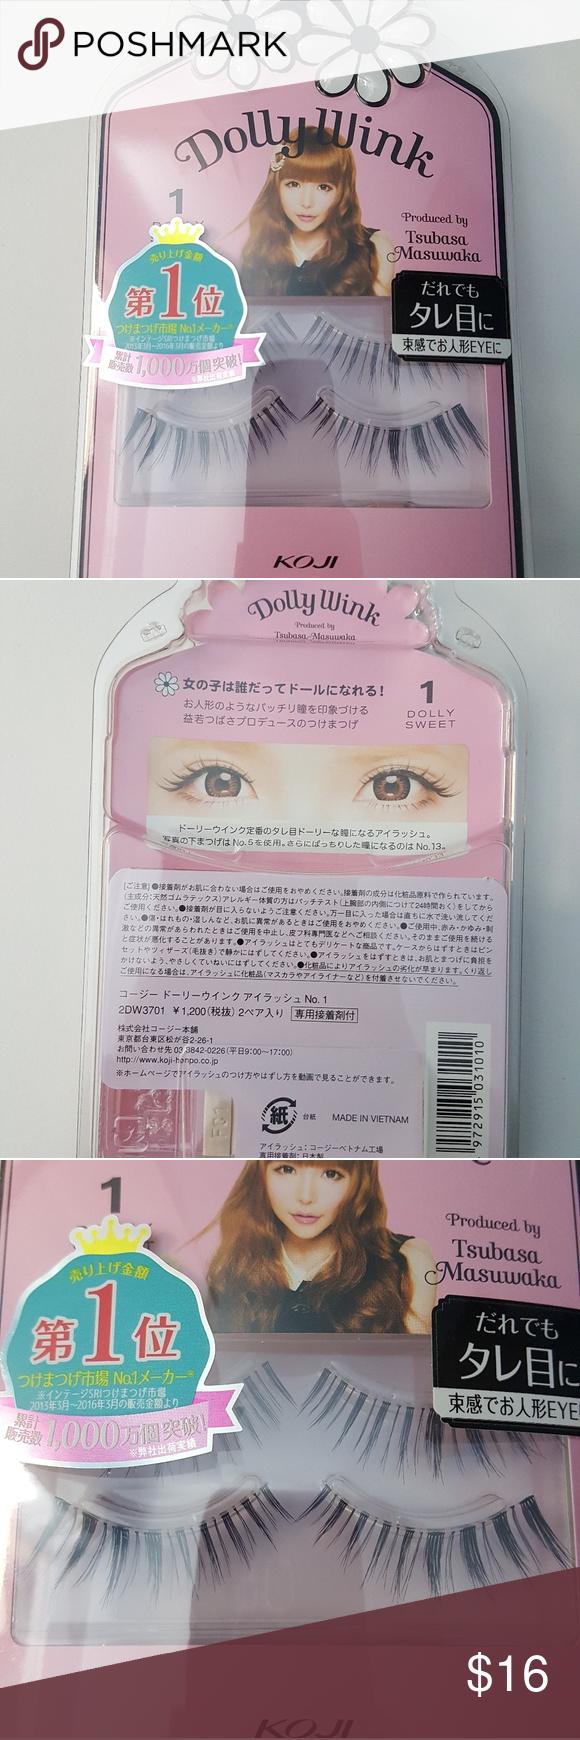 Koji Dolly Wink Japanese False Eyelashes Harajuku Nwt Pinterest